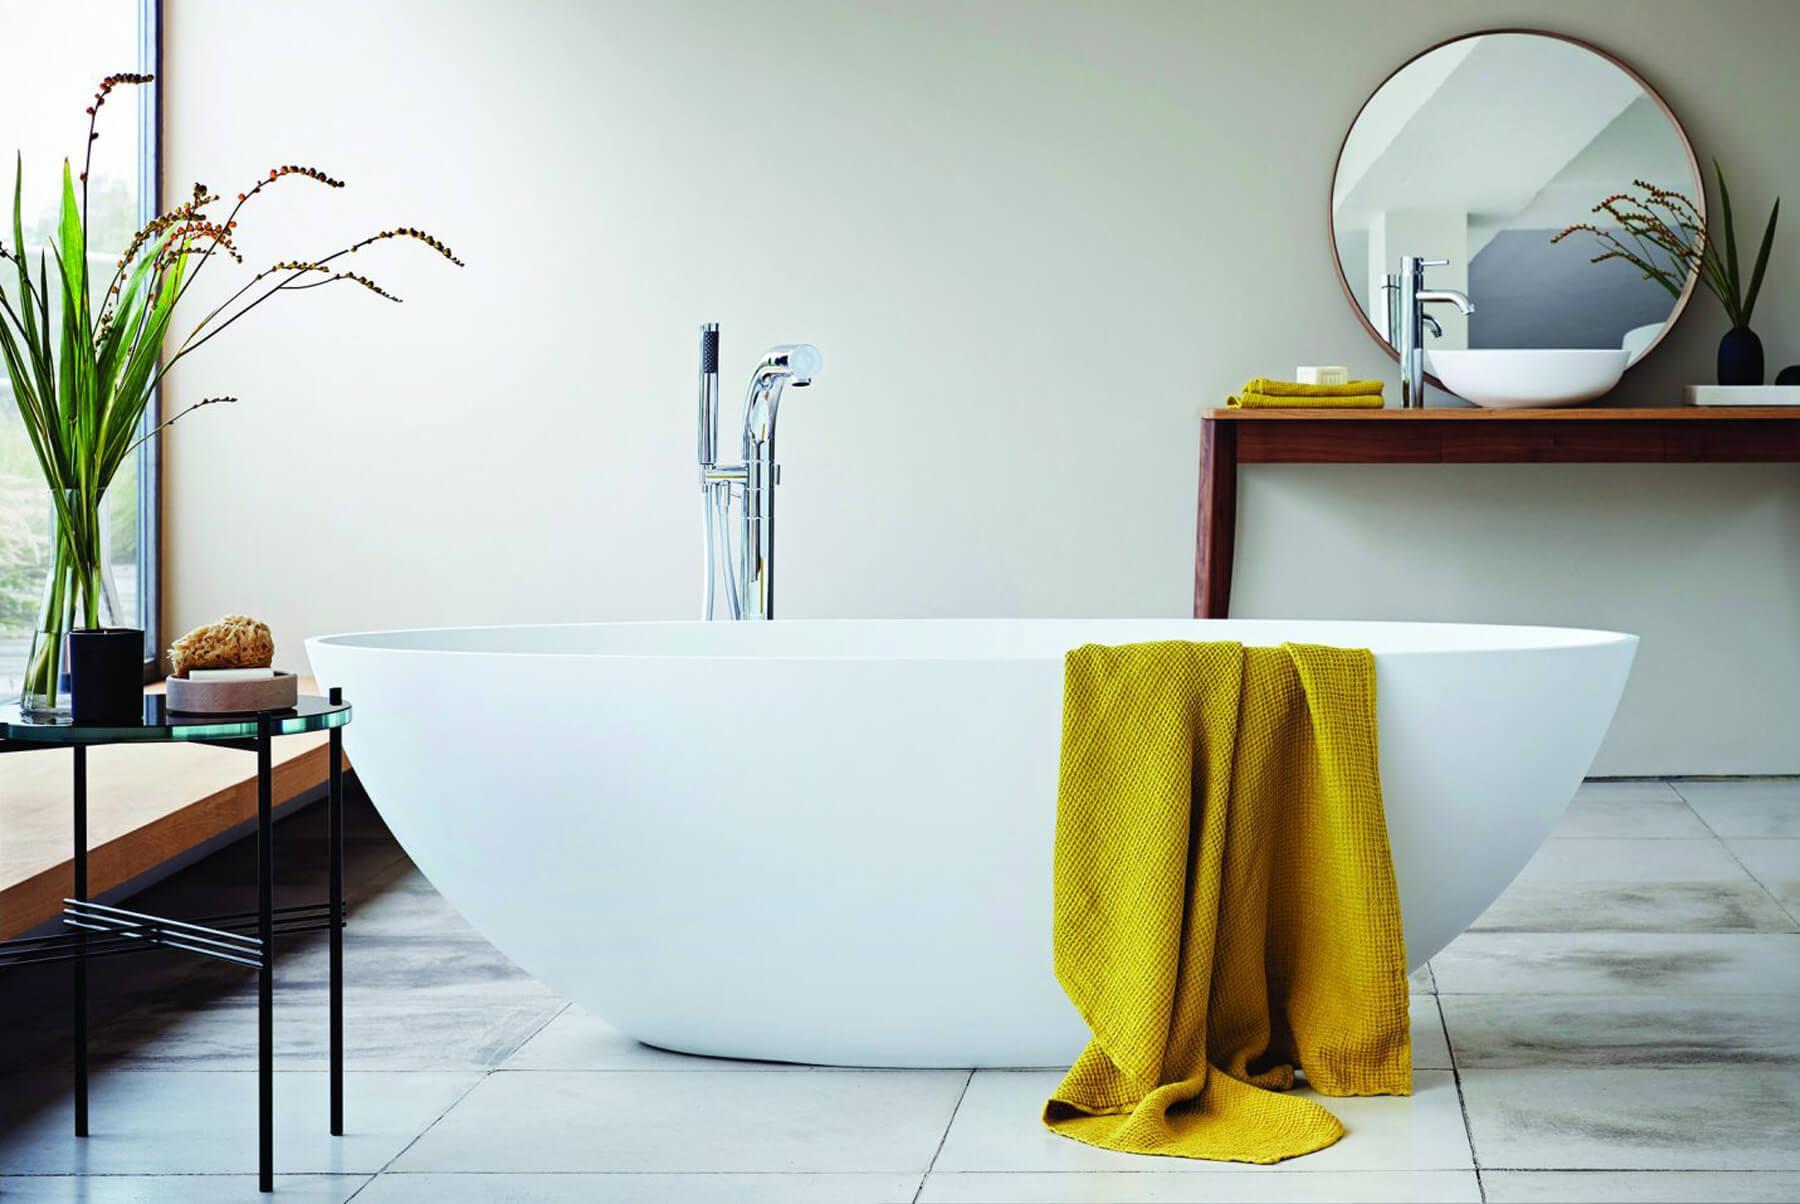 Bath-Tubs-WATERS-ELLIPSE-BATH-TUB-MAIN-1800x1204